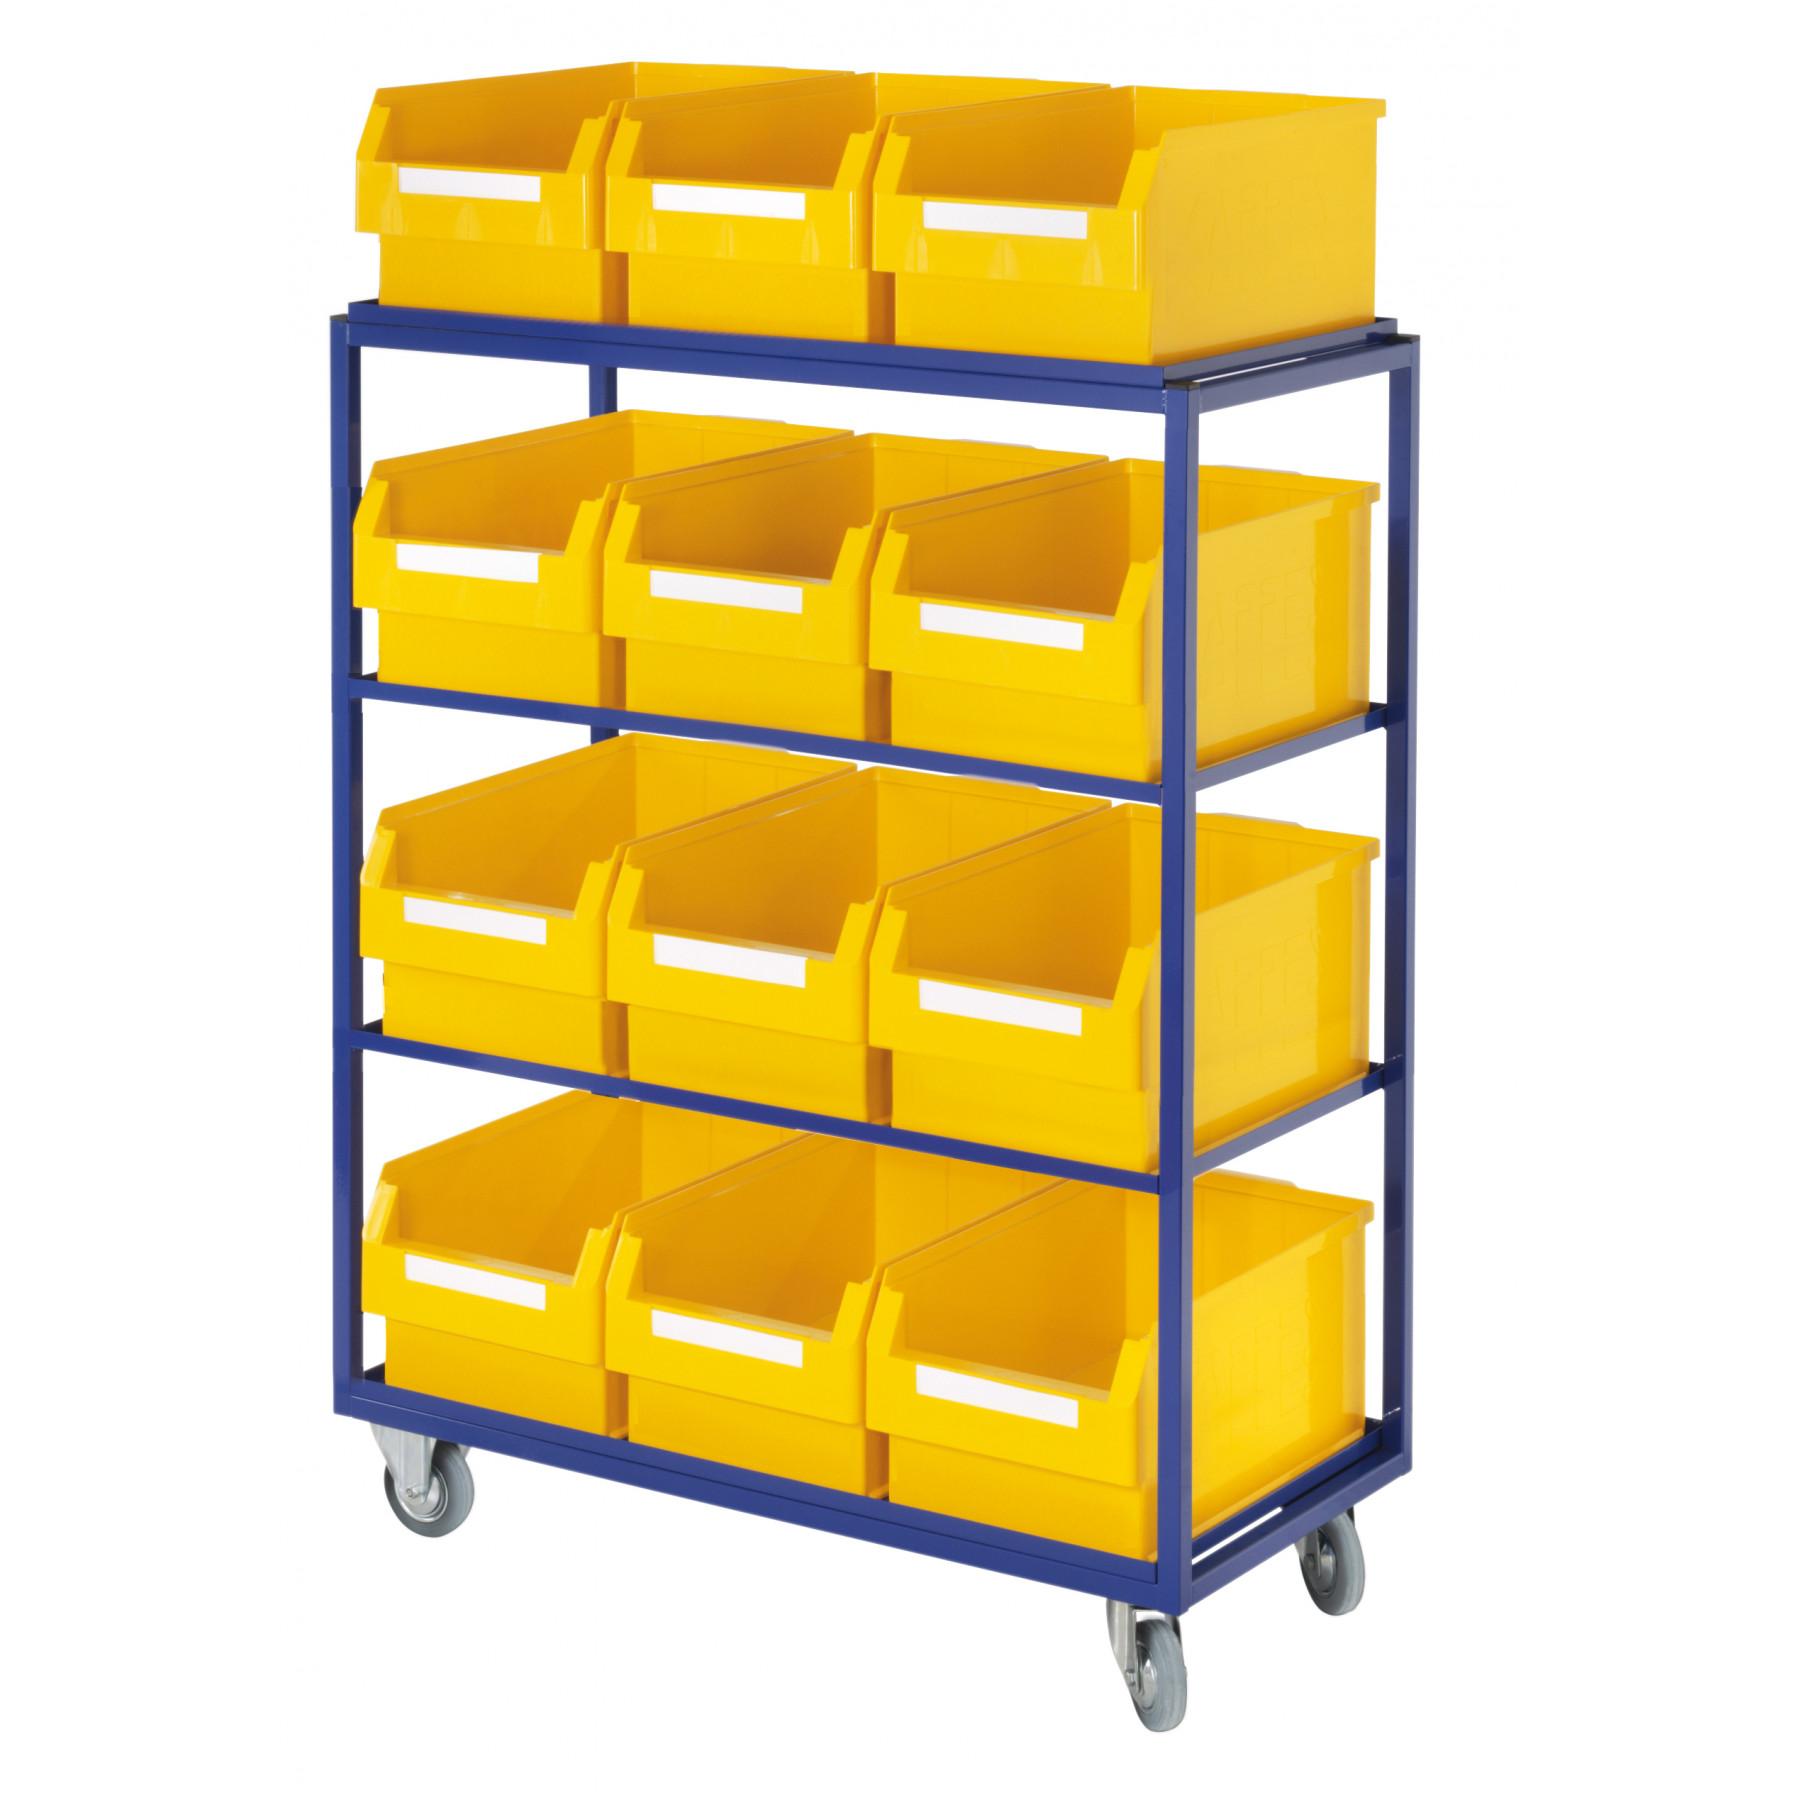 ®Rasterplan orderpickwagen met 4 rechte legborden en 12 magazijnbakken, 7707.01.0121